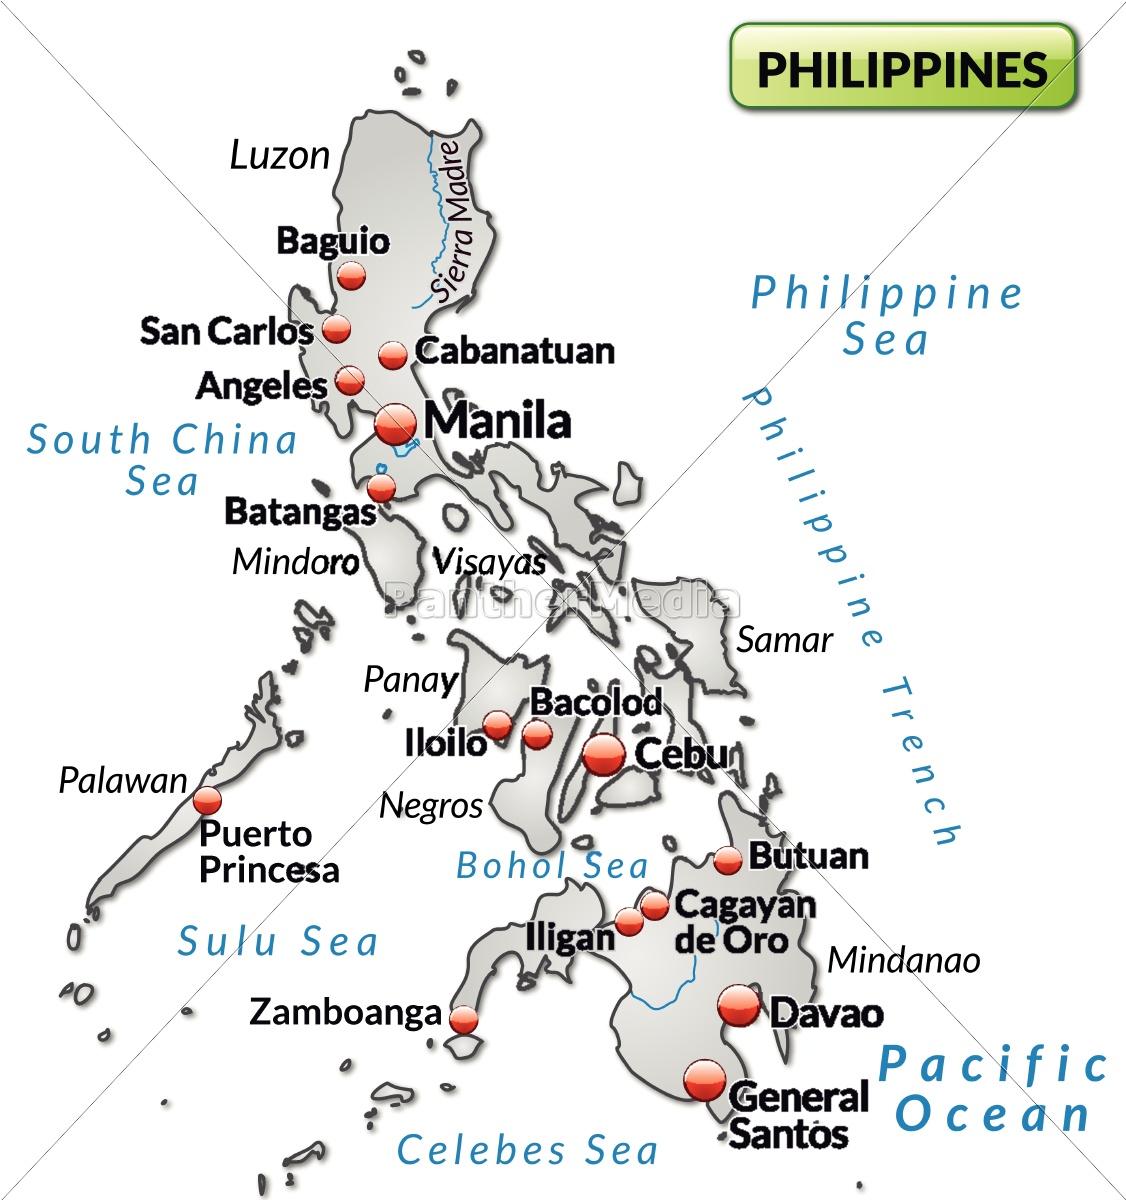 Island Kort Over Filippinerne Som Et Oversigtskort I Stockphoto